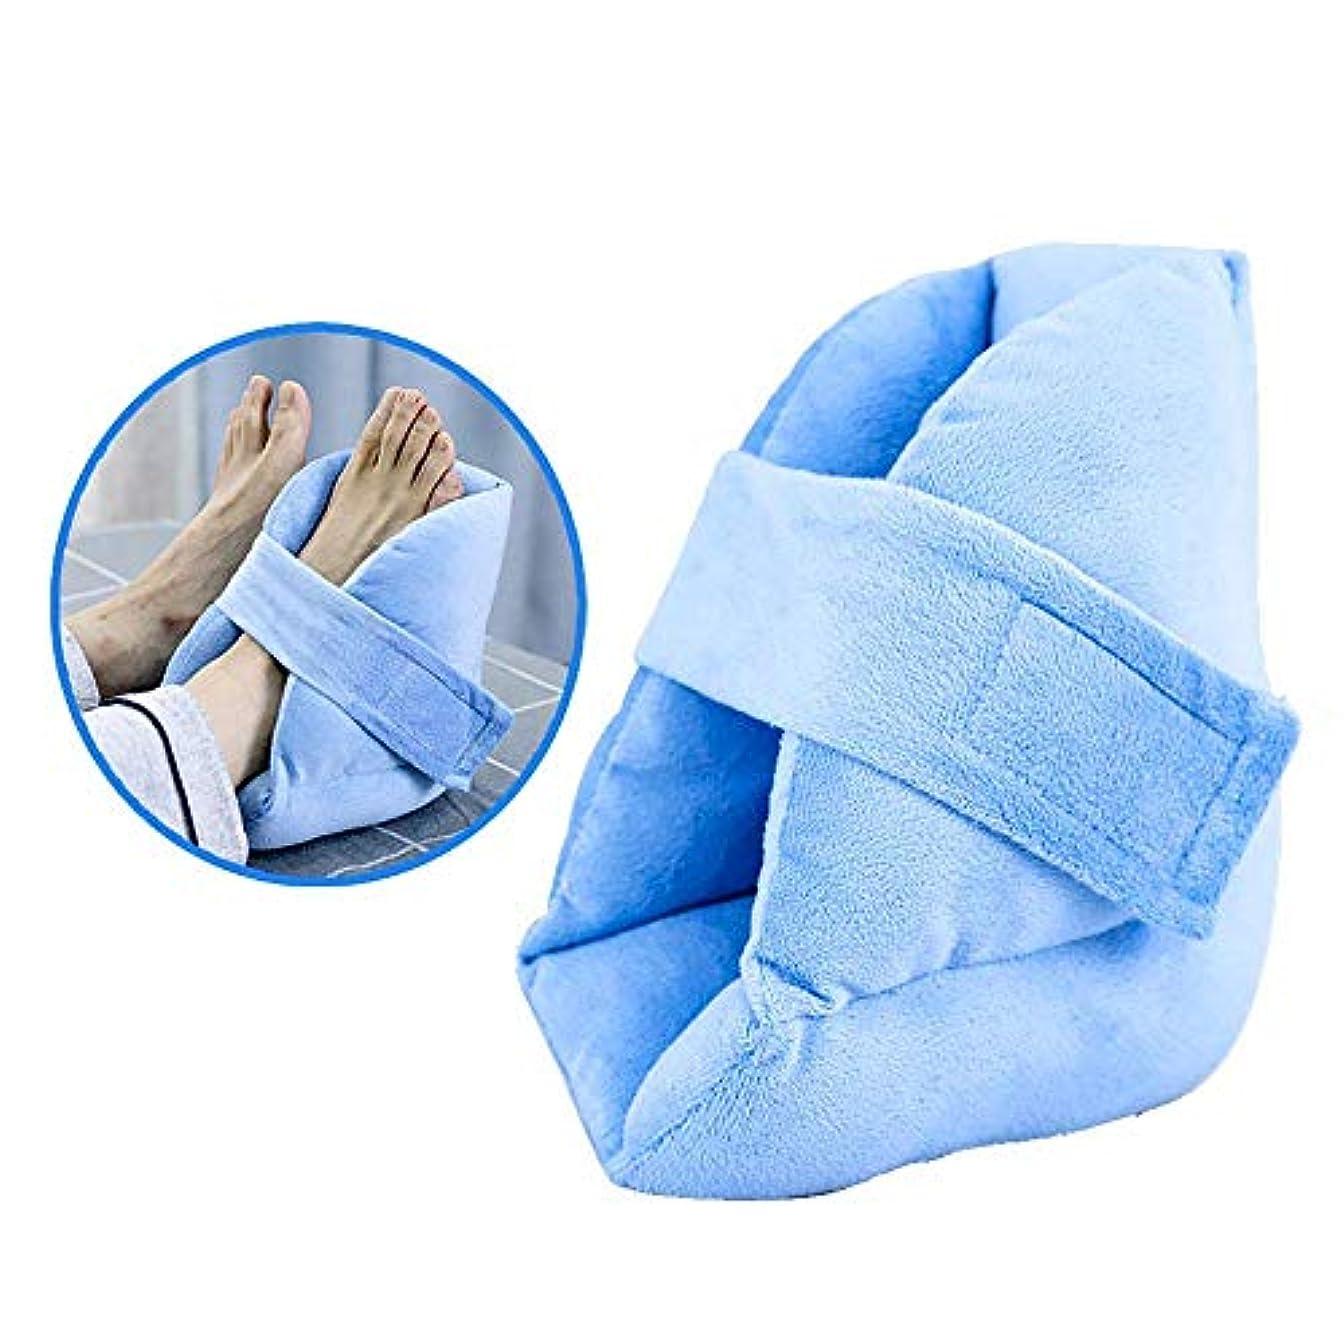 芸術ムス風足枕ヒールクッションプロテクター-足と足首の枕調節可能なパッド-ヒール保護ブルーブートガード-足1ペアを保護,1PCS